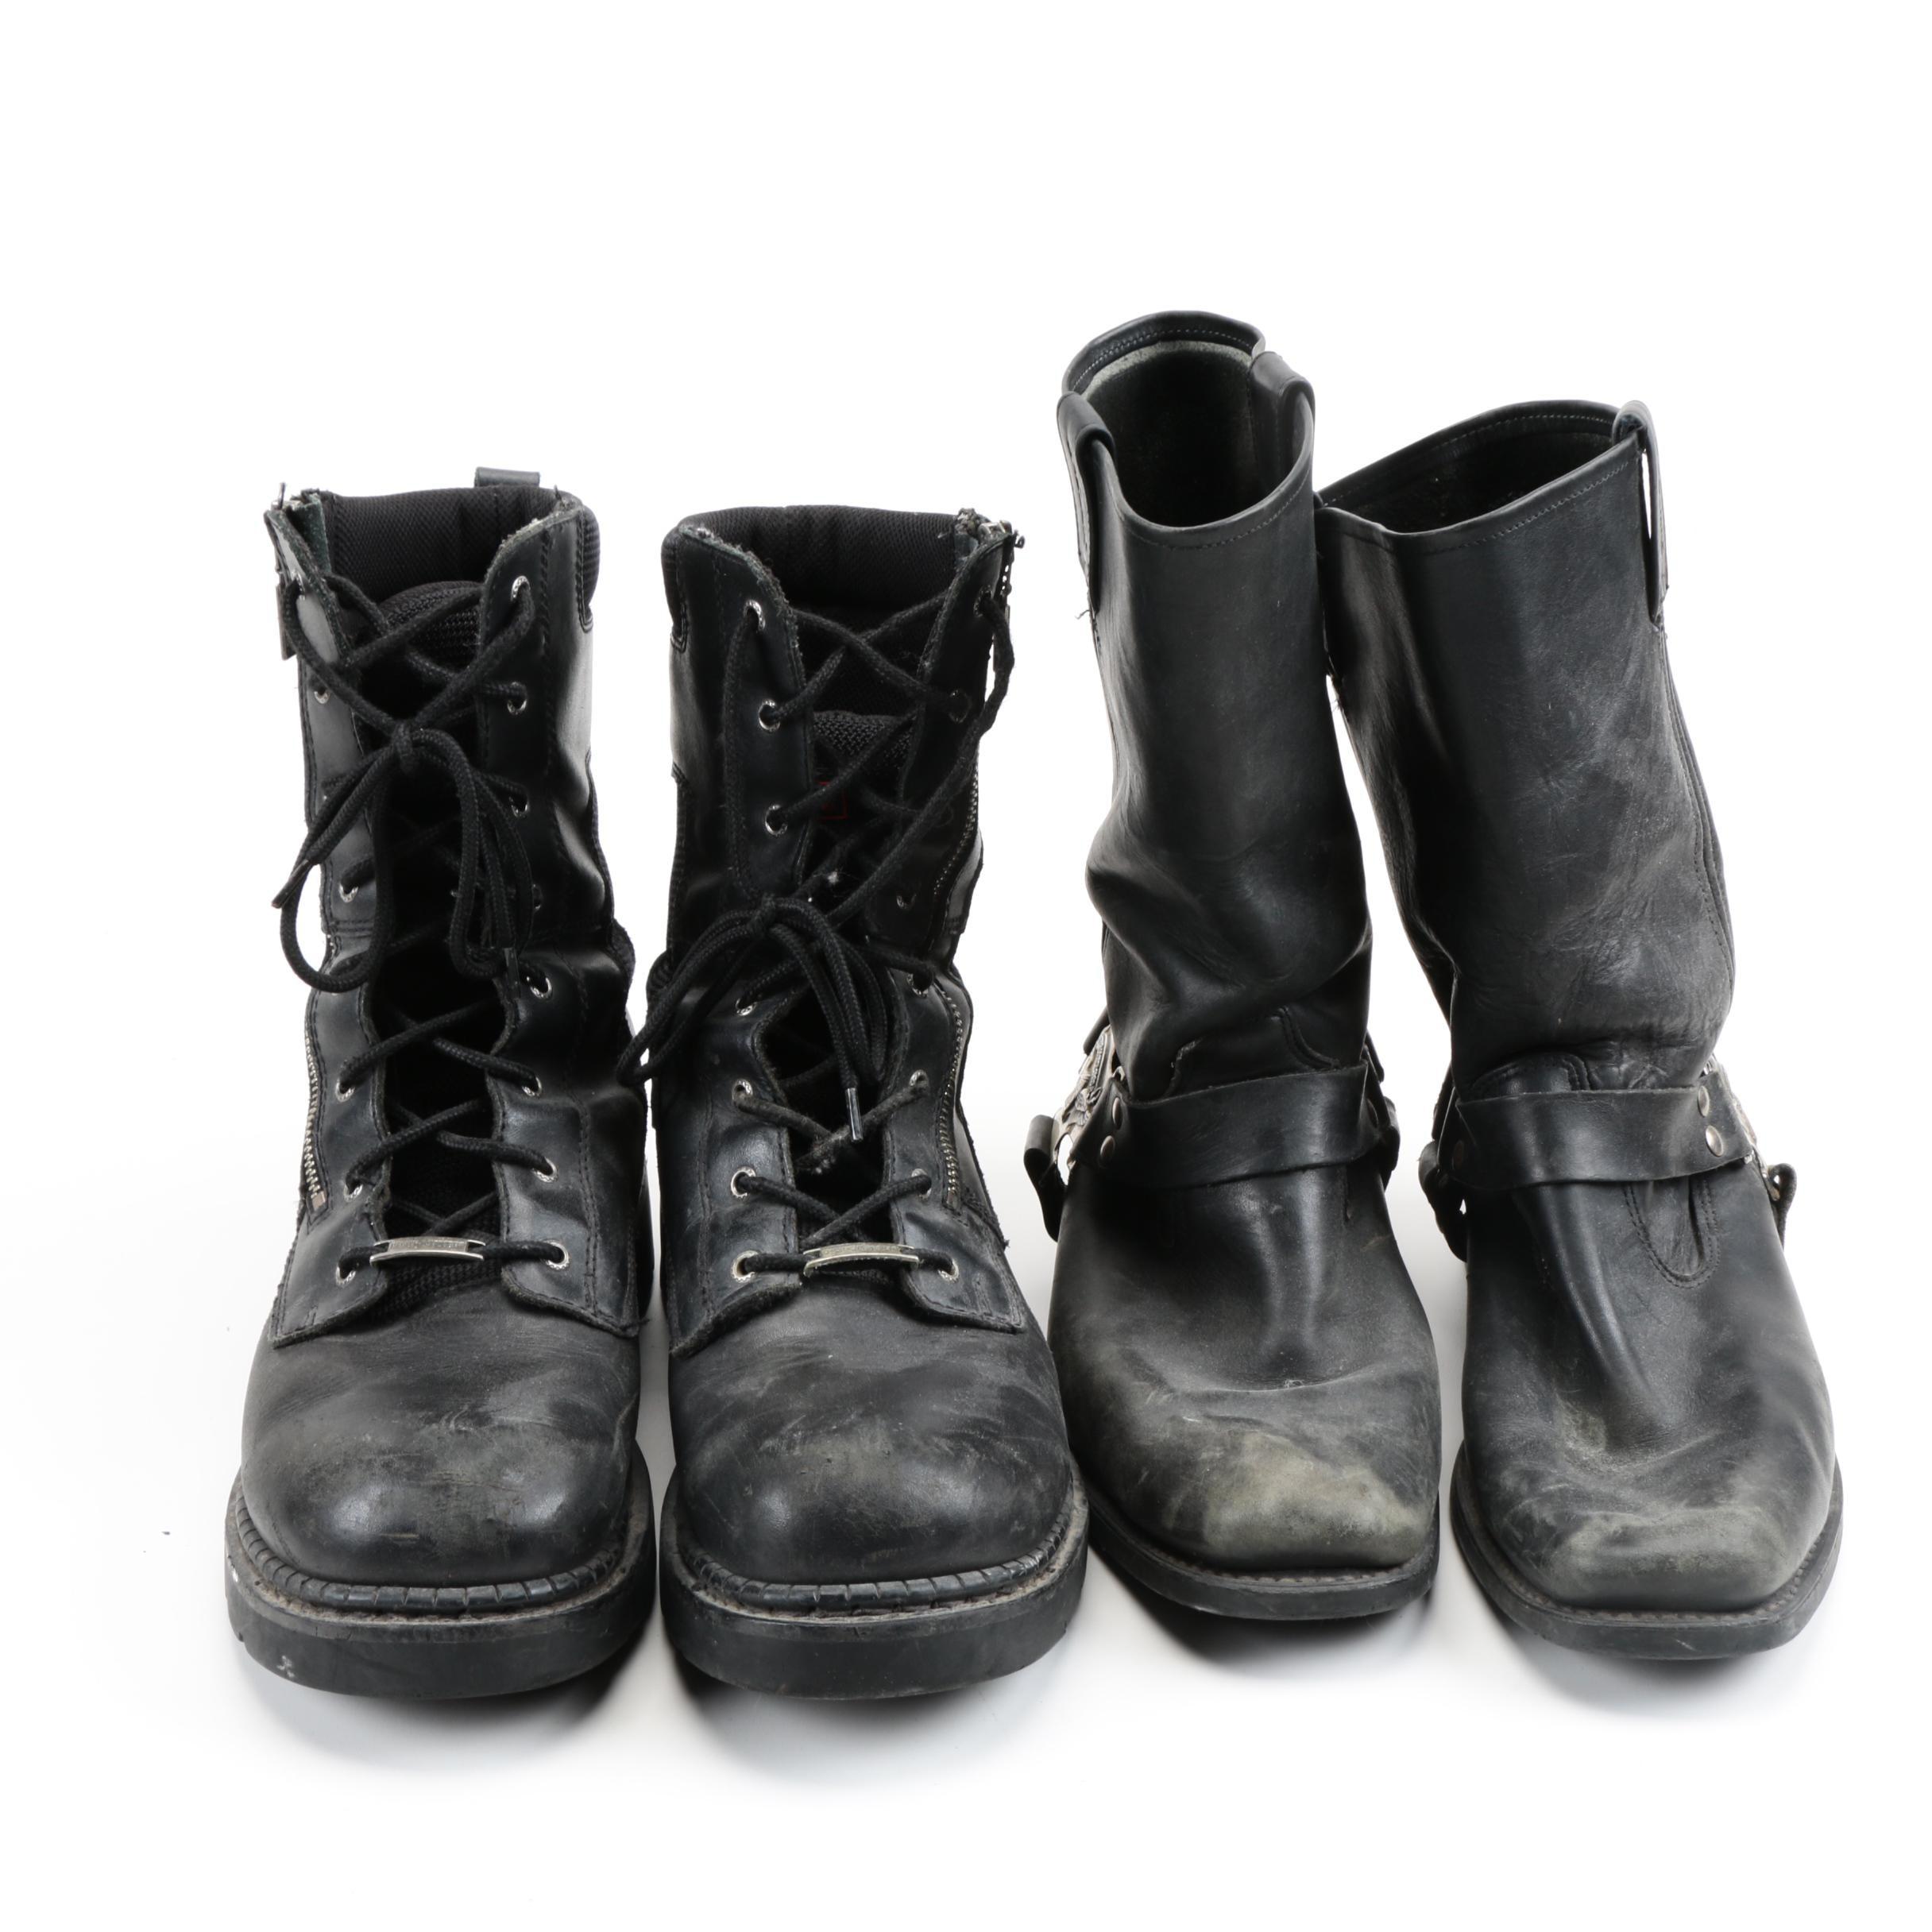 Men's Harley-Davidson Black Leather Boots